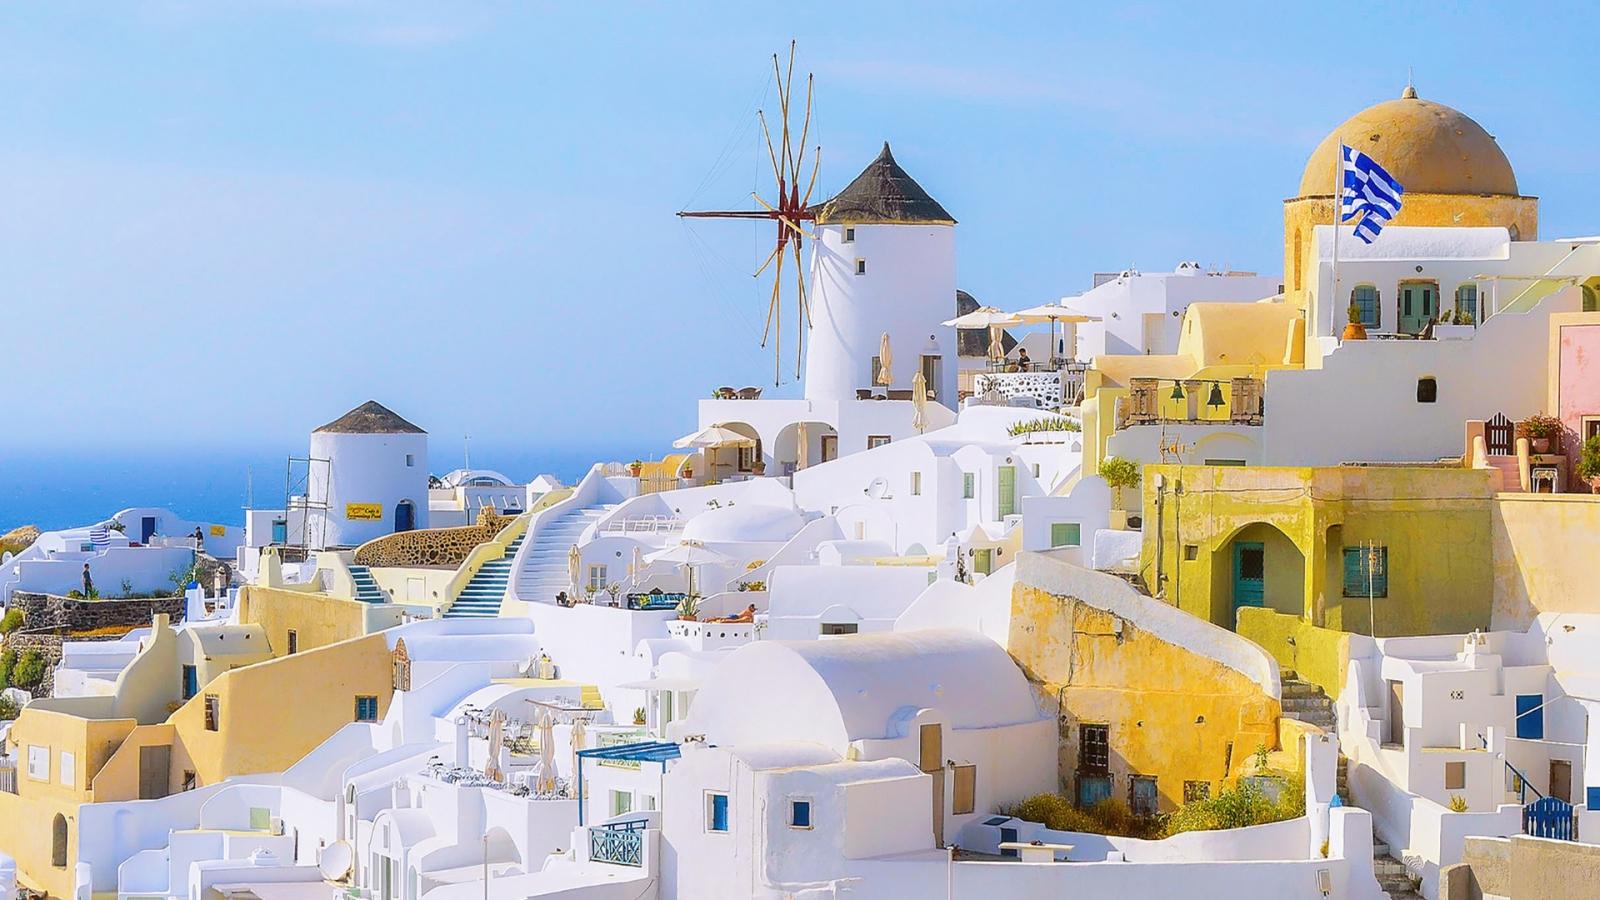 Grčka ostrva!